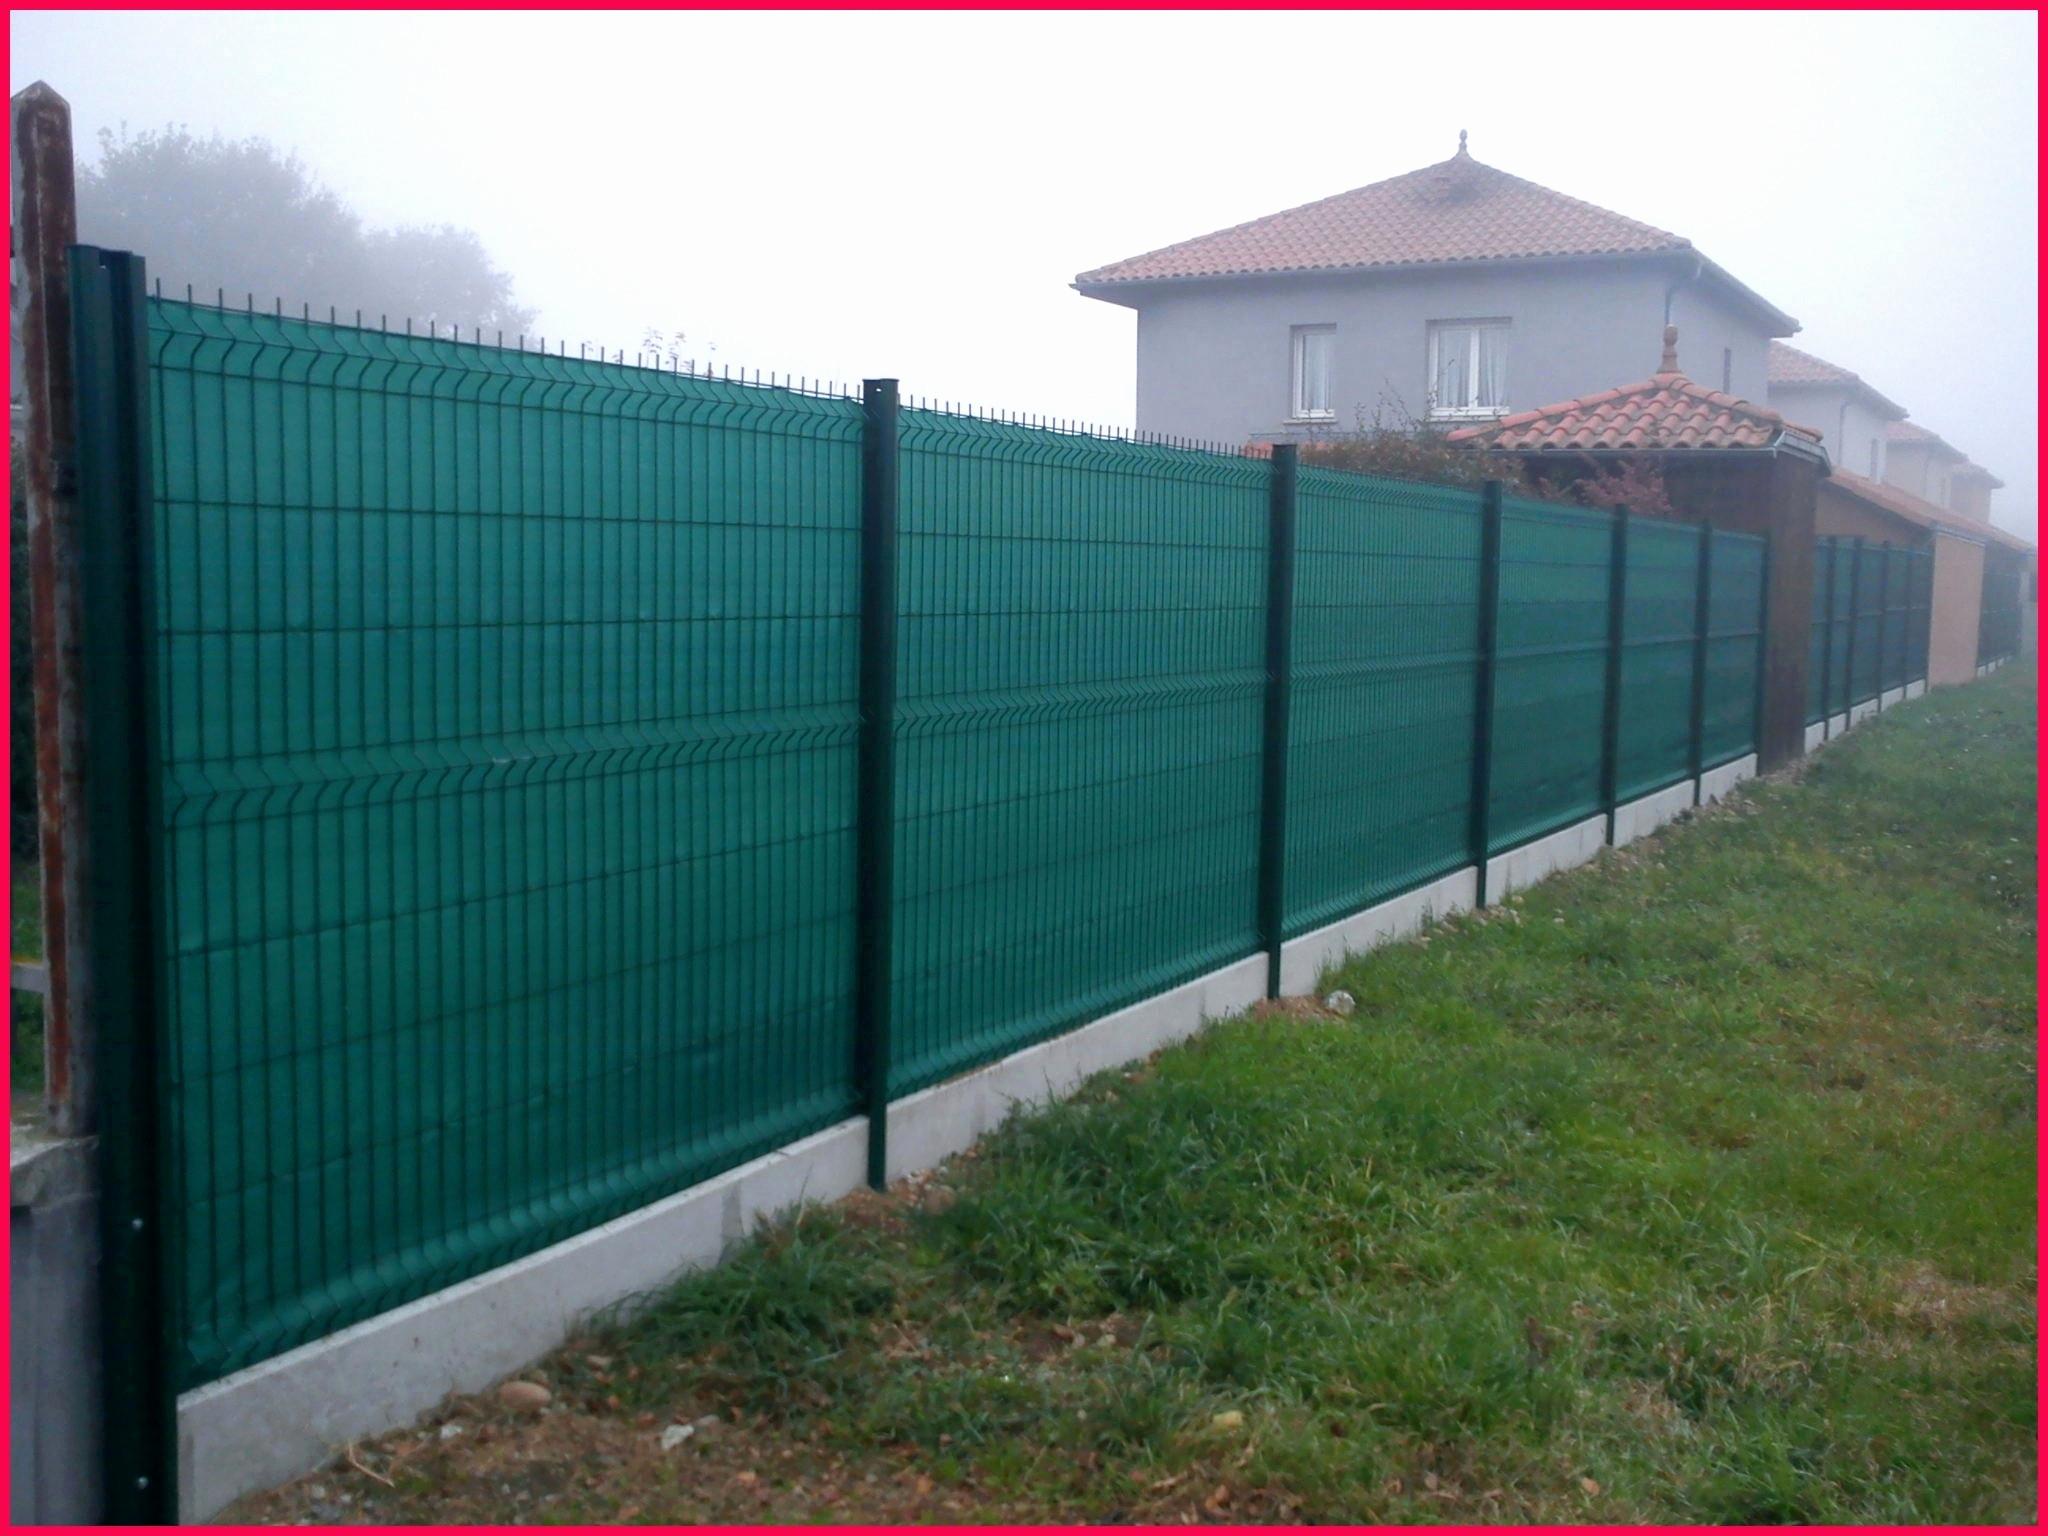 Cloture Pvc Brico Depot – Gamboahinestrosa avec Clôture Pvc Brico Dépôt